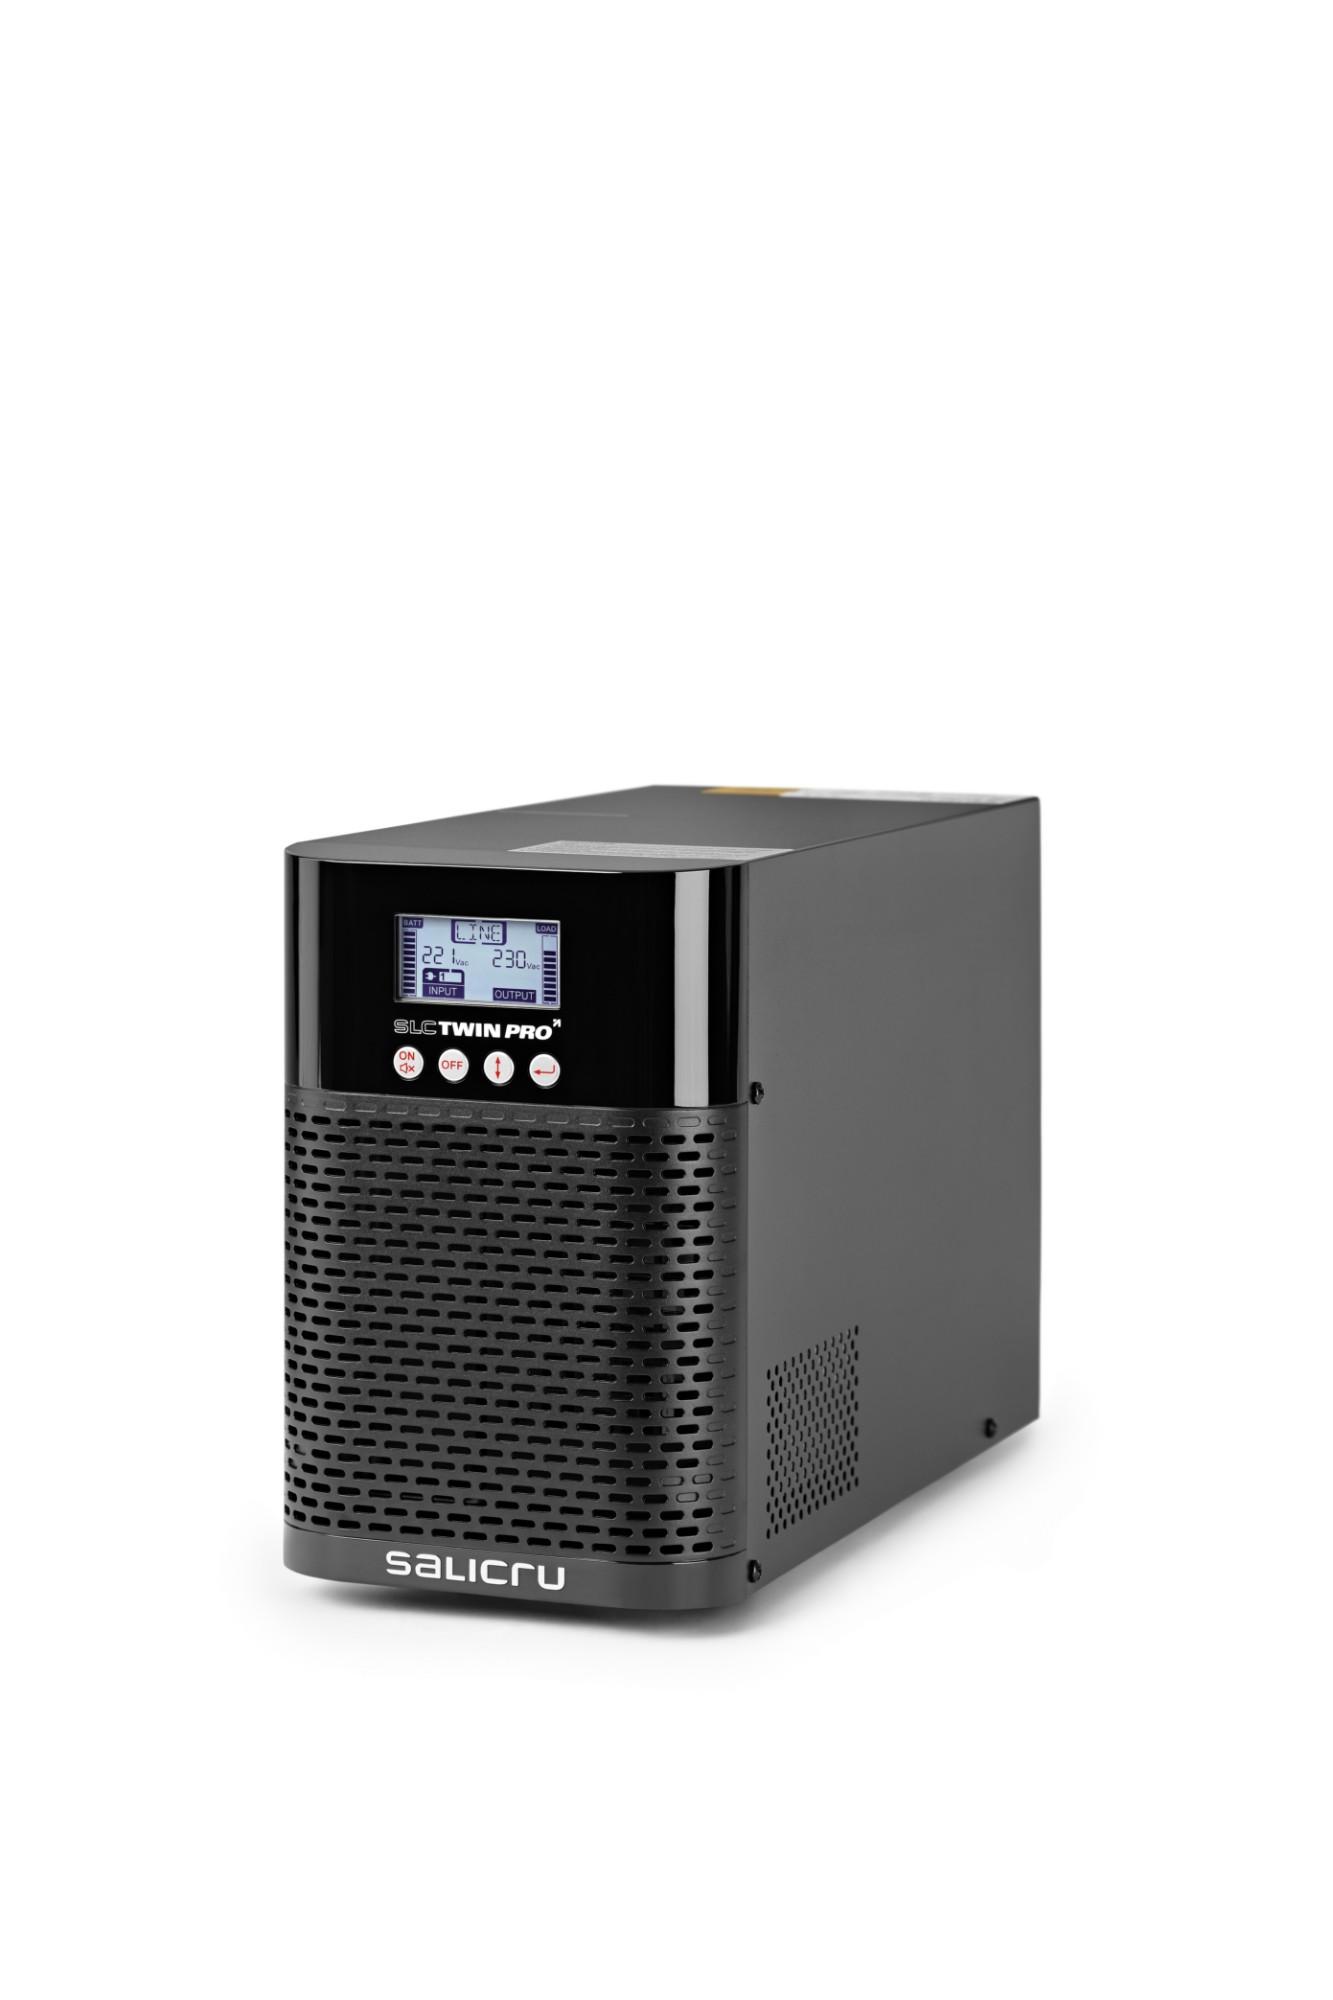 UPS Slc-1000-twin Pro2 B1 Iec  In